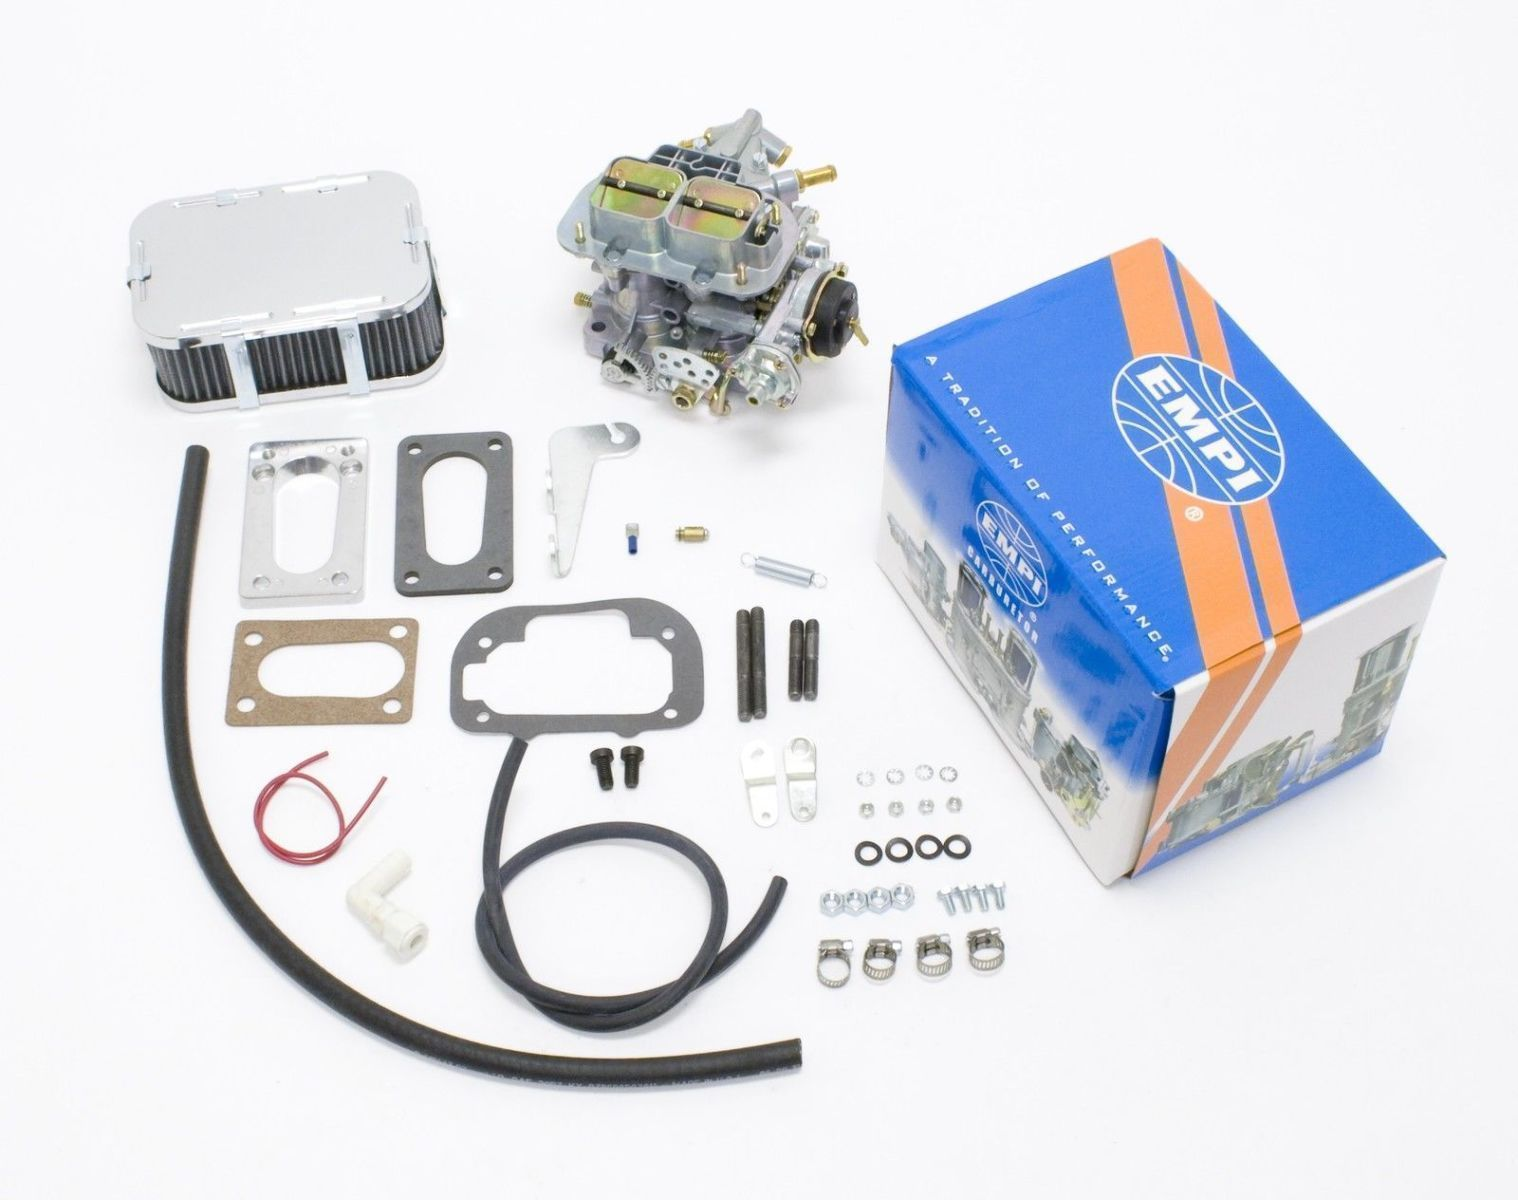 FITS ISUZU 86-87 2300cc EMPI 38E PERFORMANCE CARB KIT ELEC CHOKE